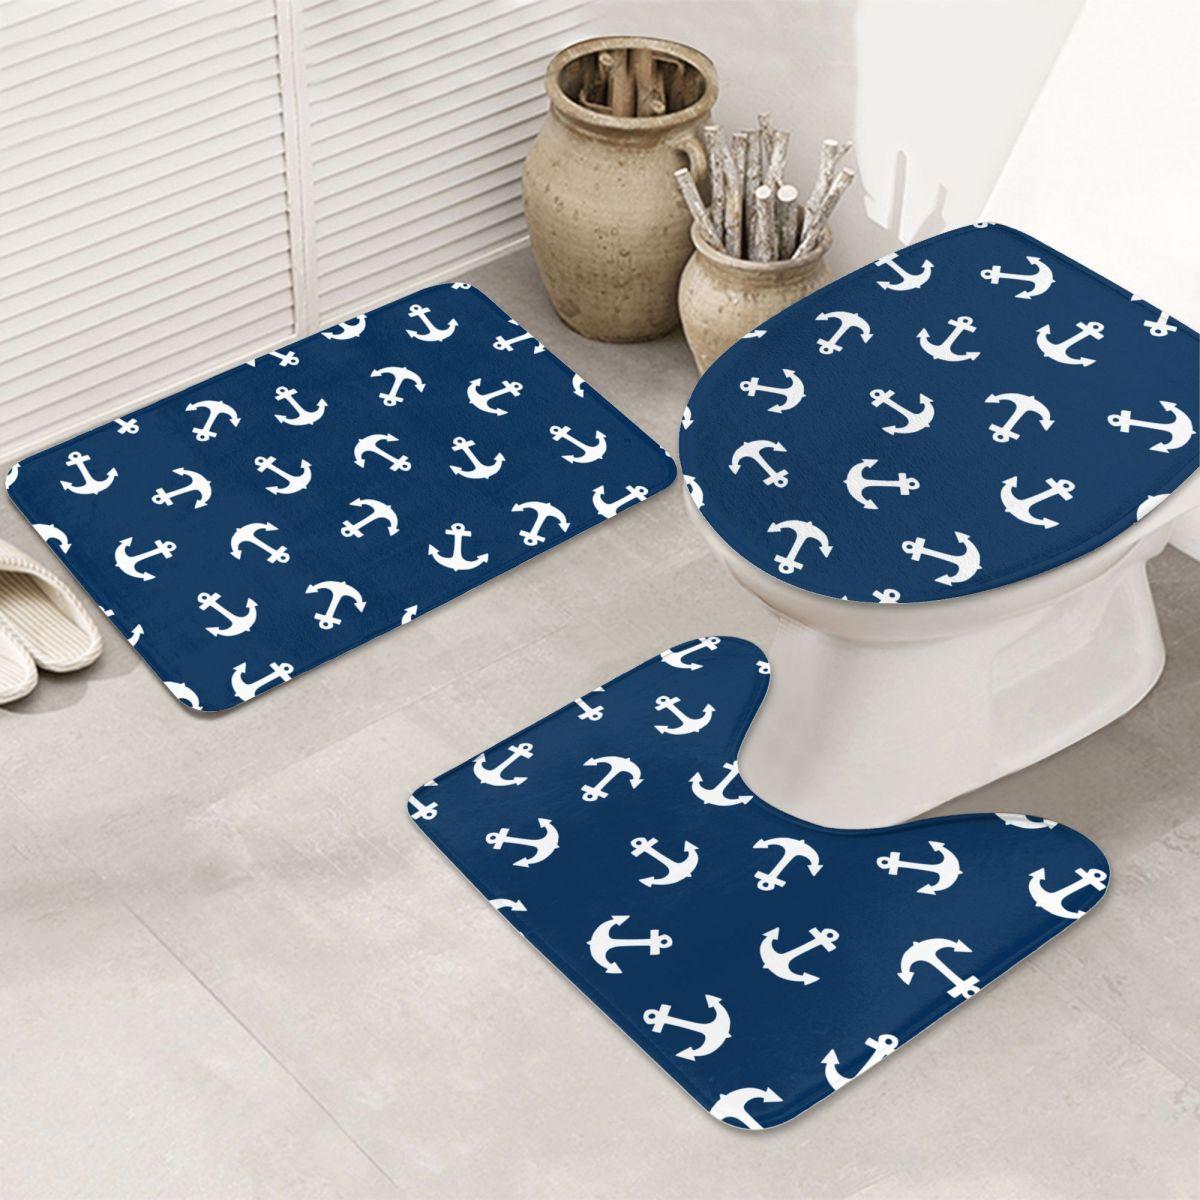 مرساة البحرية 3 قطعة الحمام حصيرة مجموعة الطابق سجاد النقش الفانيلا وسادة المرحاض مقعد غطاء حمام للديكور المنزل